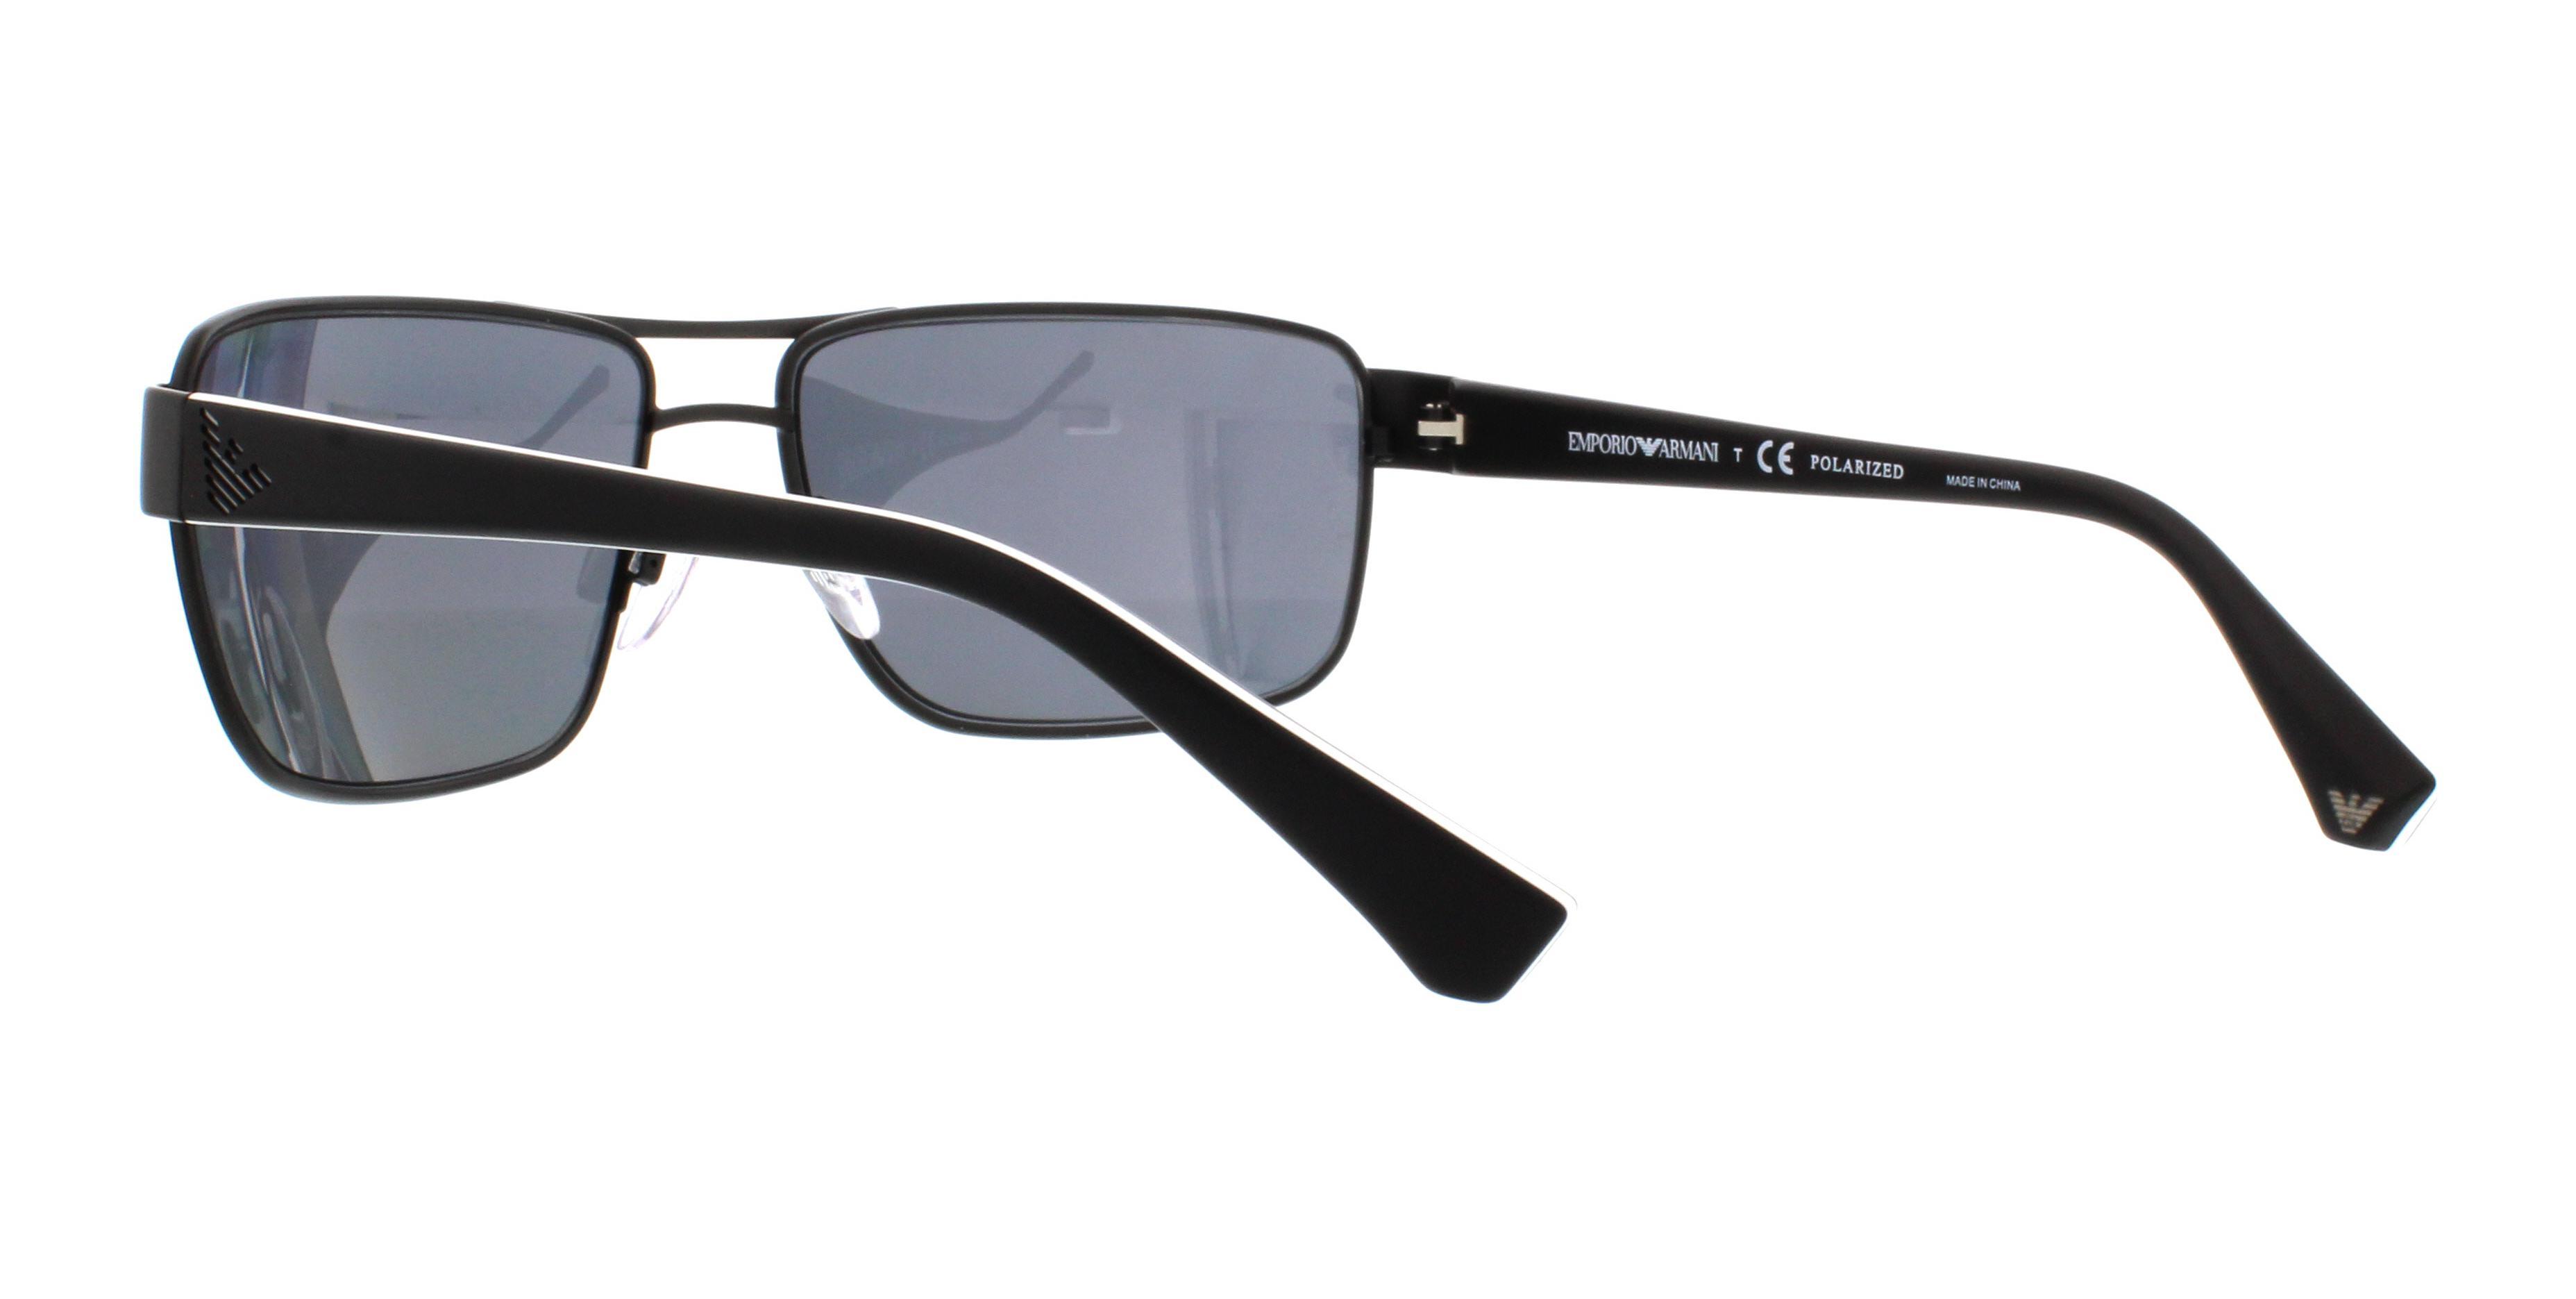 50d238f9924 EMPORIO ARMANI Sunglasses EA2031 310981 Matte Black 62MM 8053672421286